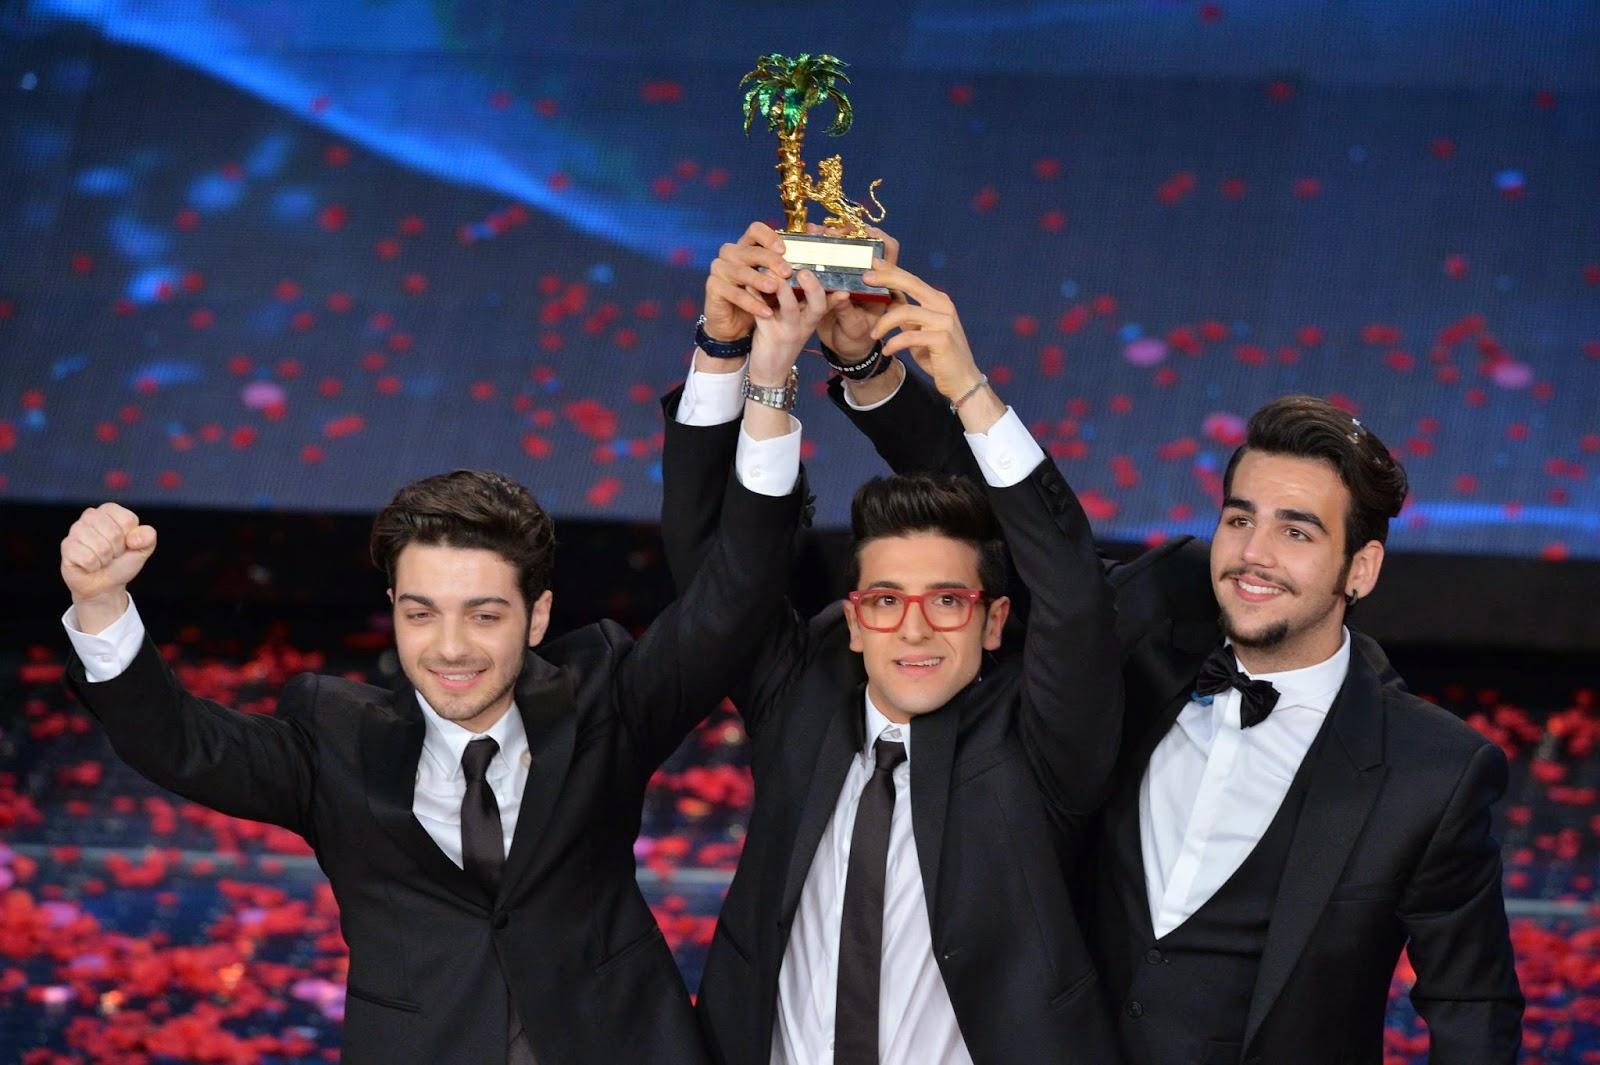 Il volo vincitori Sanremo 2015